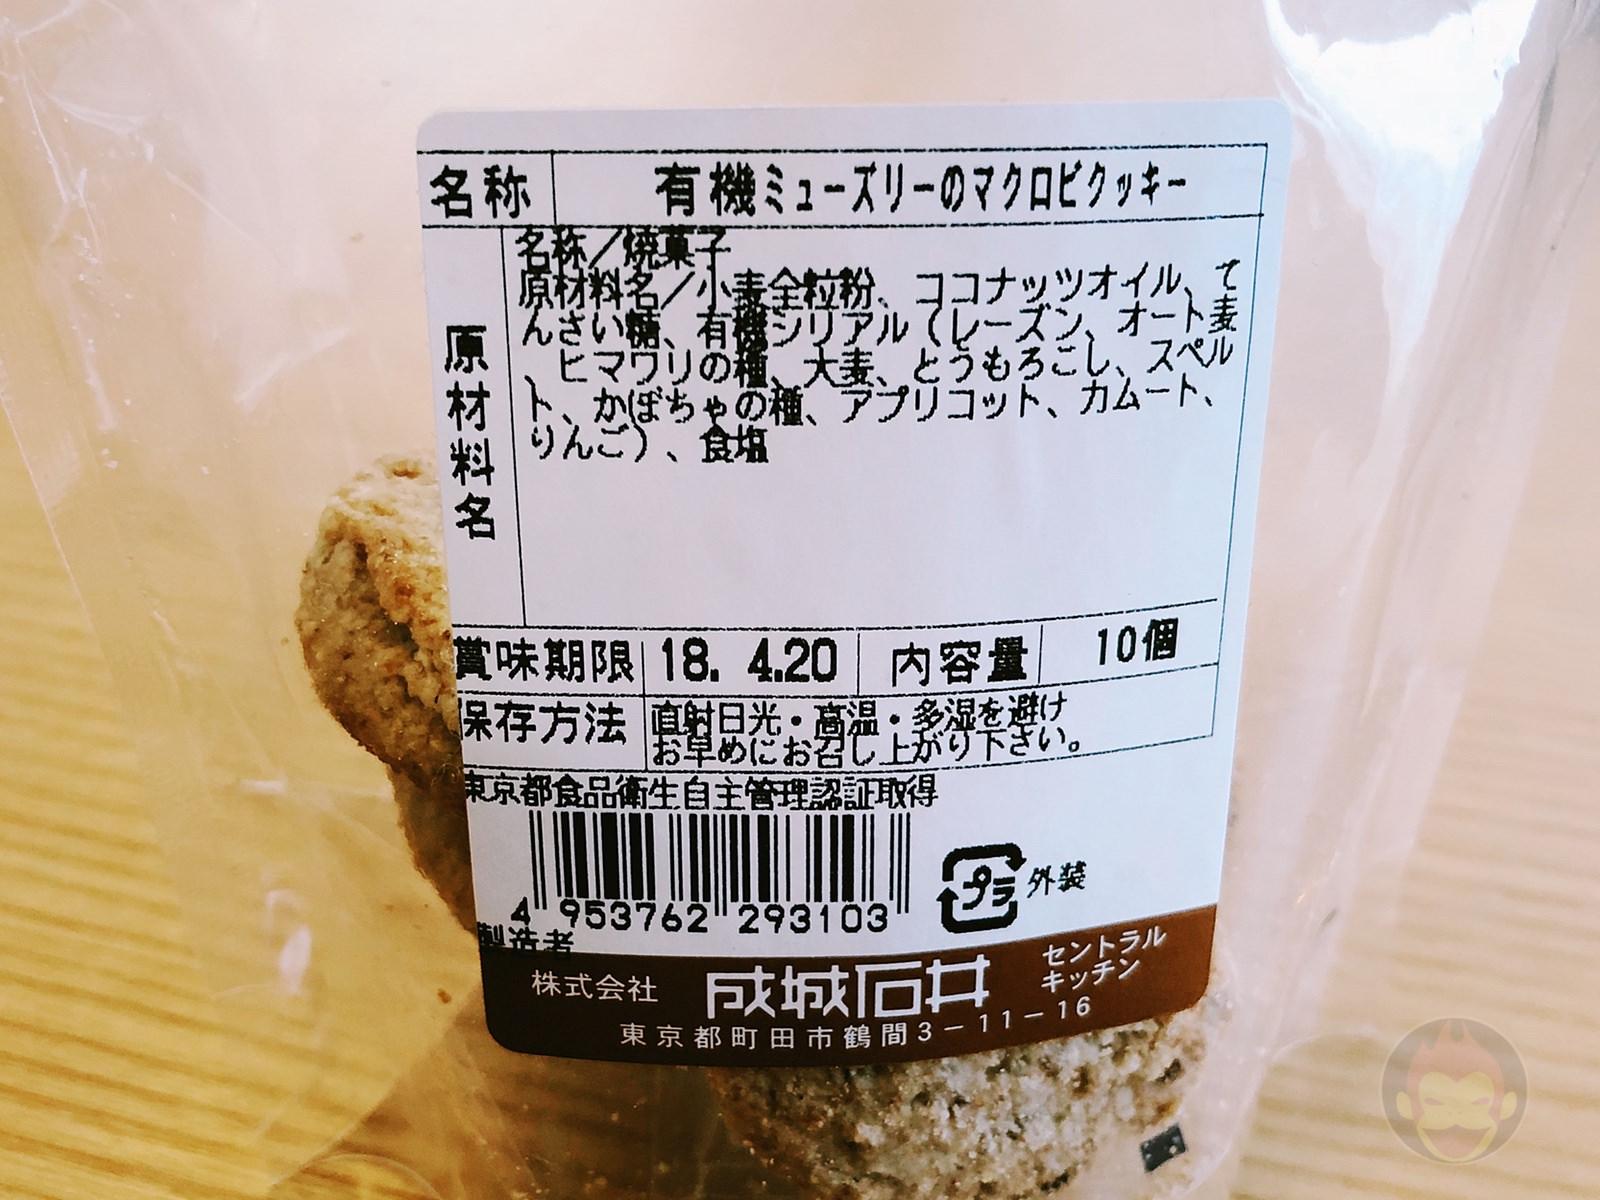 Seijo-ishii-Muesli-Cookies-Ver2-02